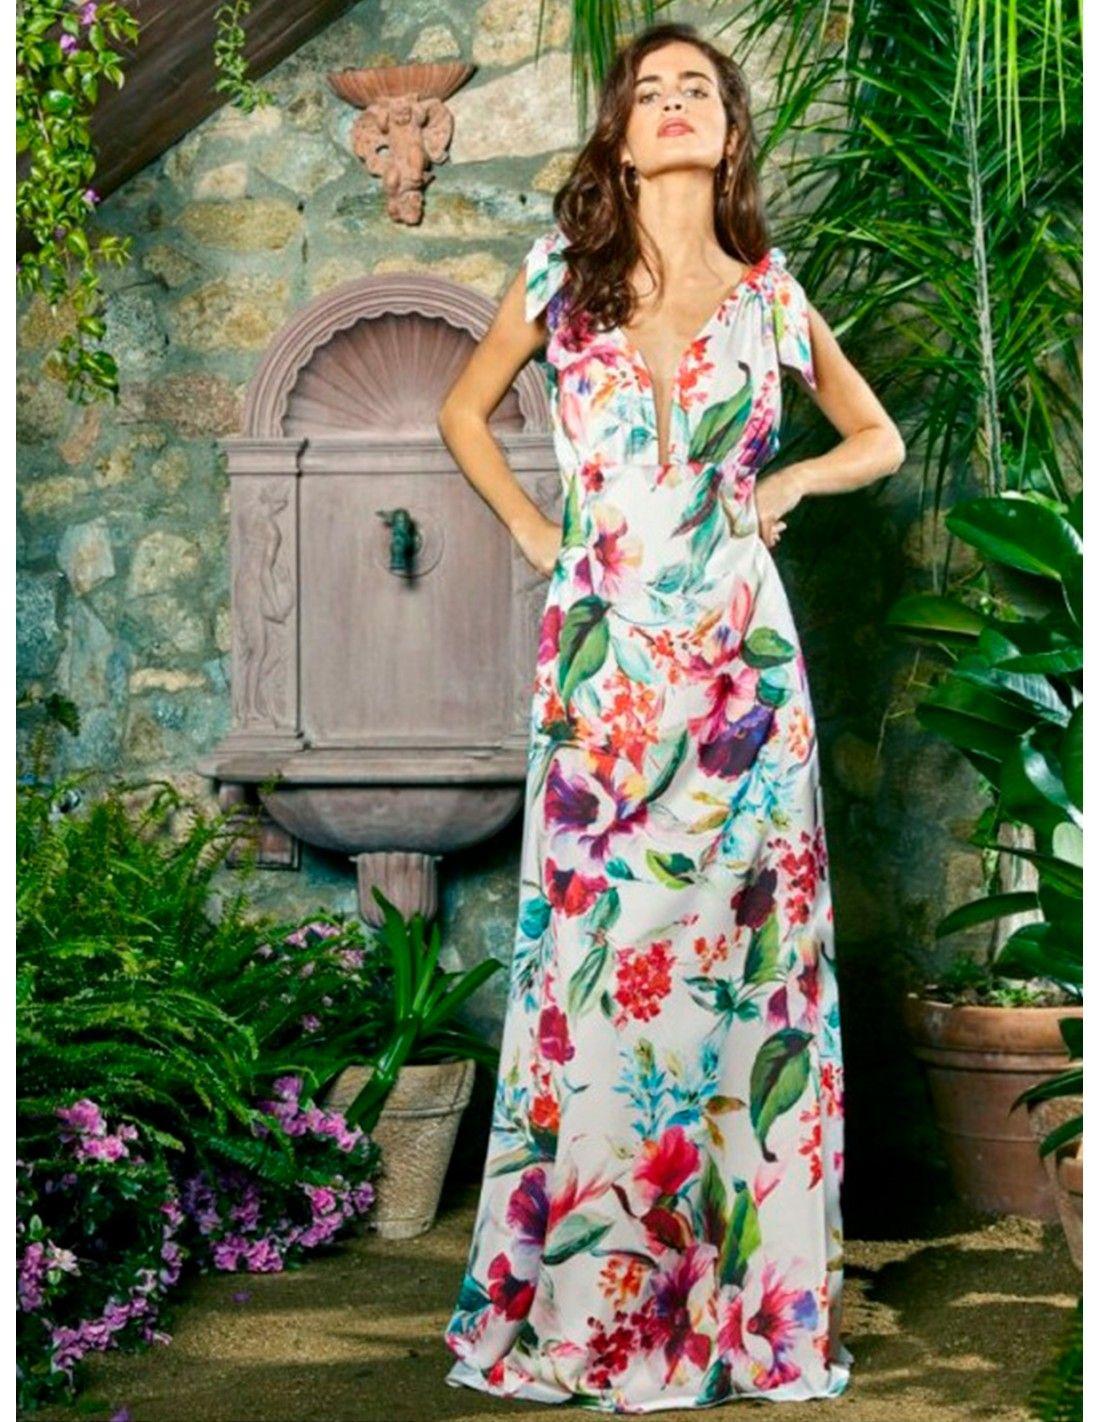 f5ce95d4c84 Vestido Bahamas - Impresionante vestido con un estampado muy ...